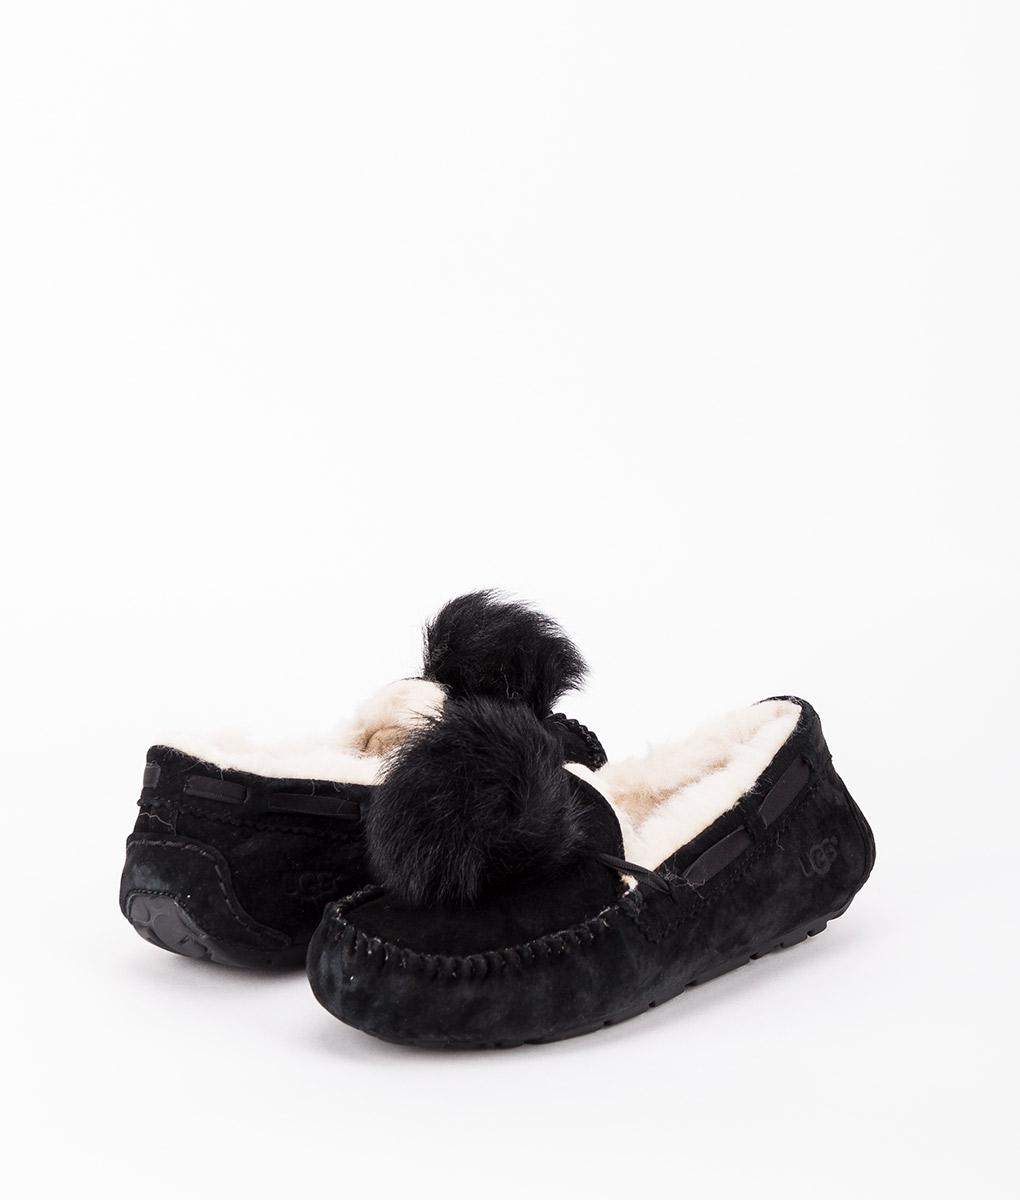 UGG Women Slippers 1019015 DAKOTA POM POM, Black 169.99 1